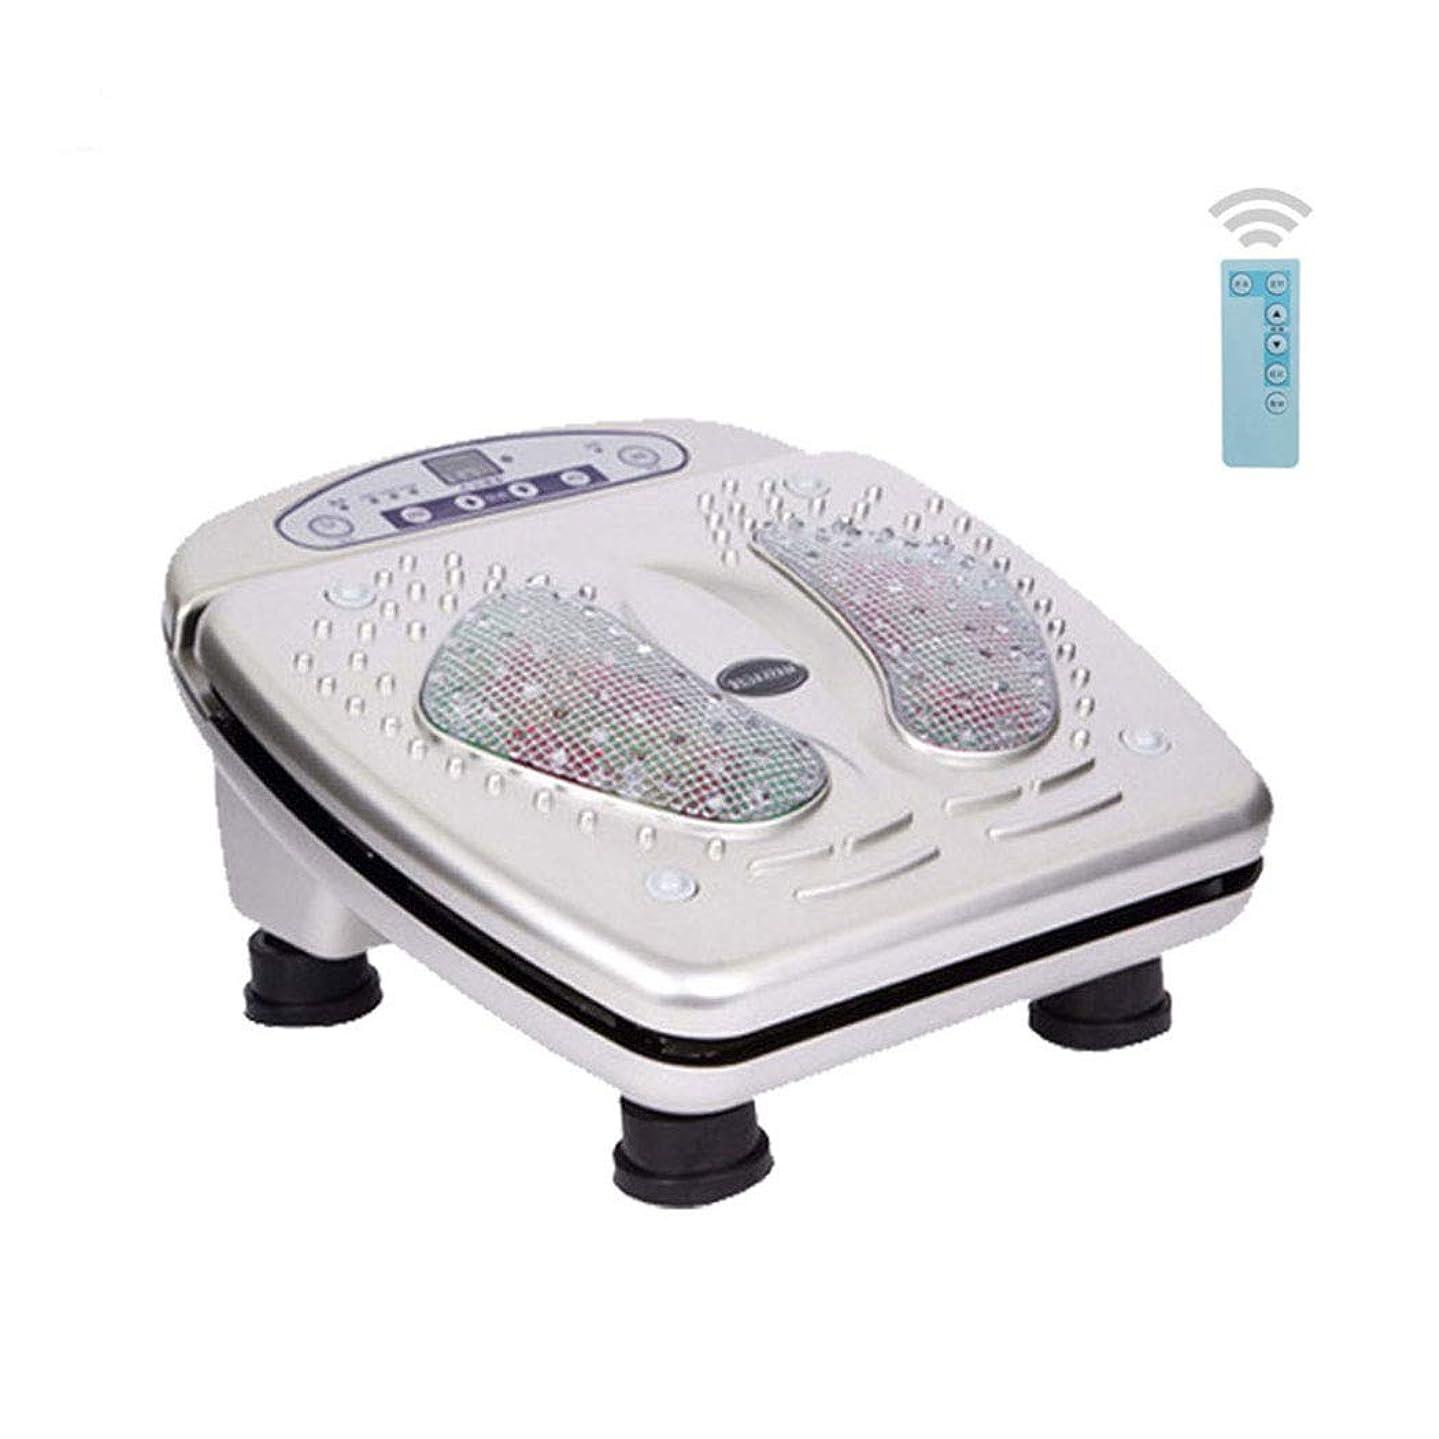 意欲噛む無法者リモコン 足のマッサージ機、15の振動モード、熱を伴う足のマッサージ、家庭でおよびオフィスでの足裏マッサージとストレス解消のため。 インテリジェント, silver